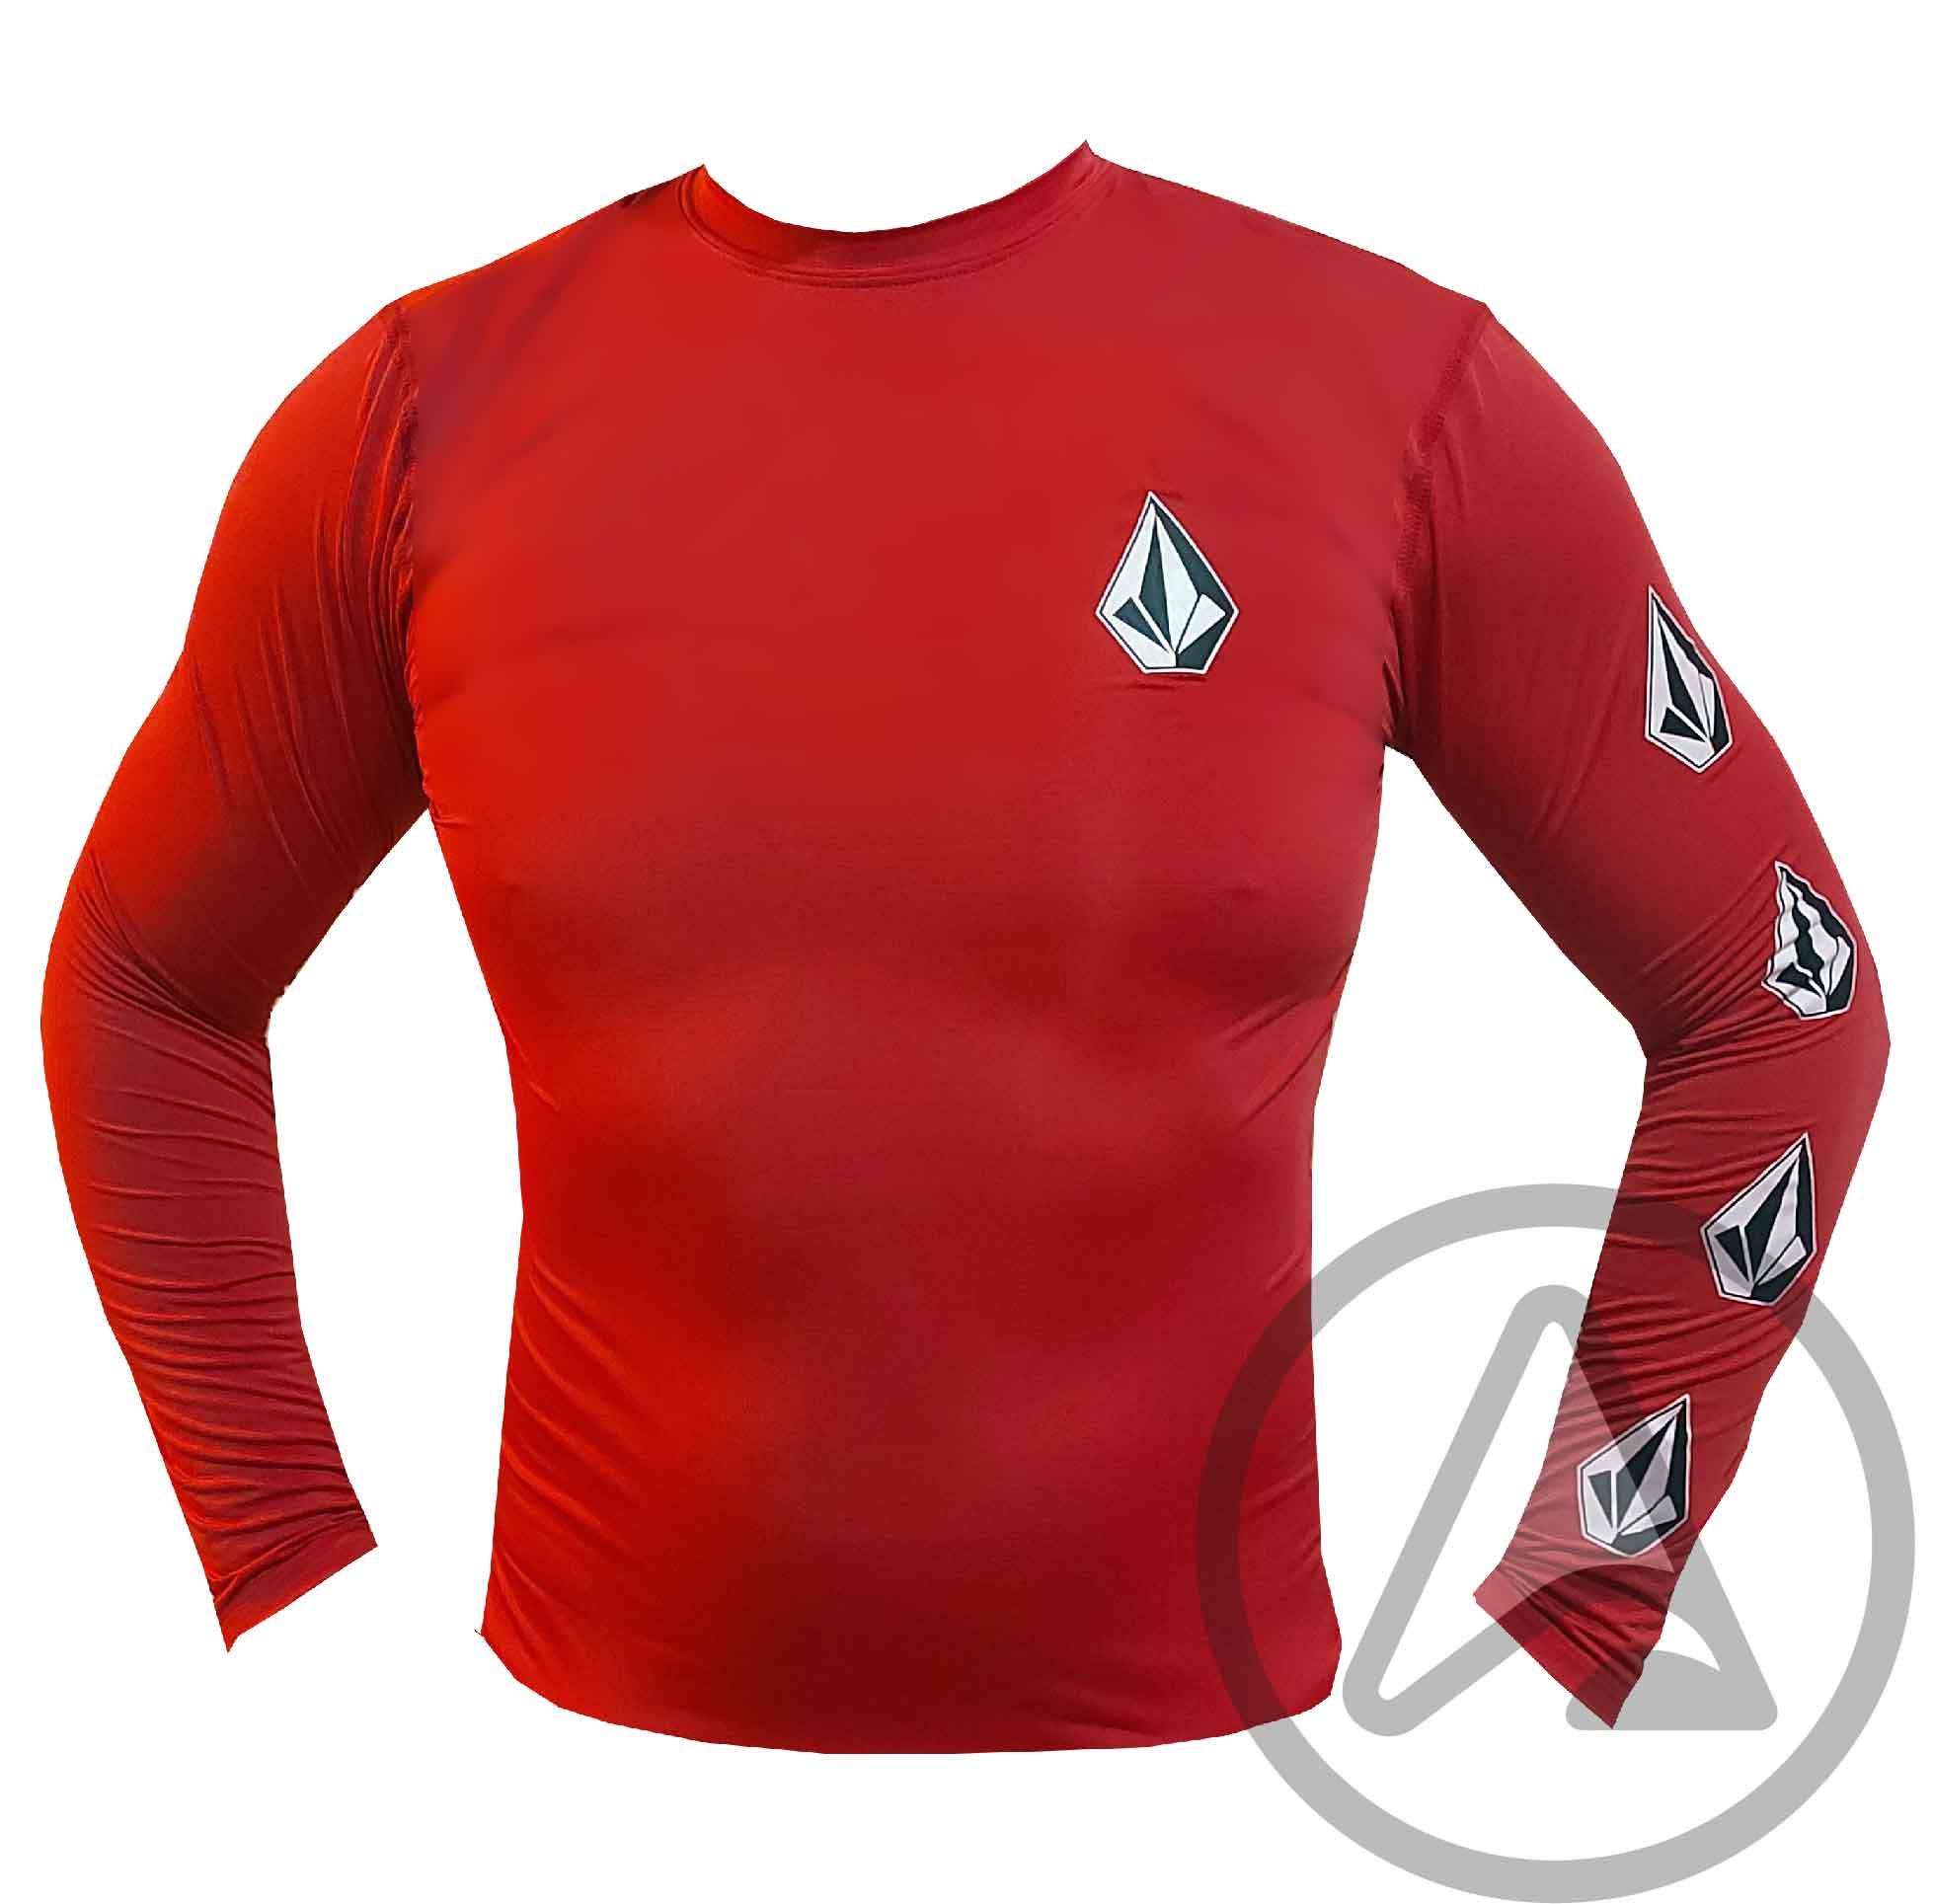 Camiseta de Lycra VOLCOM Deadly Stones - Várias Cores